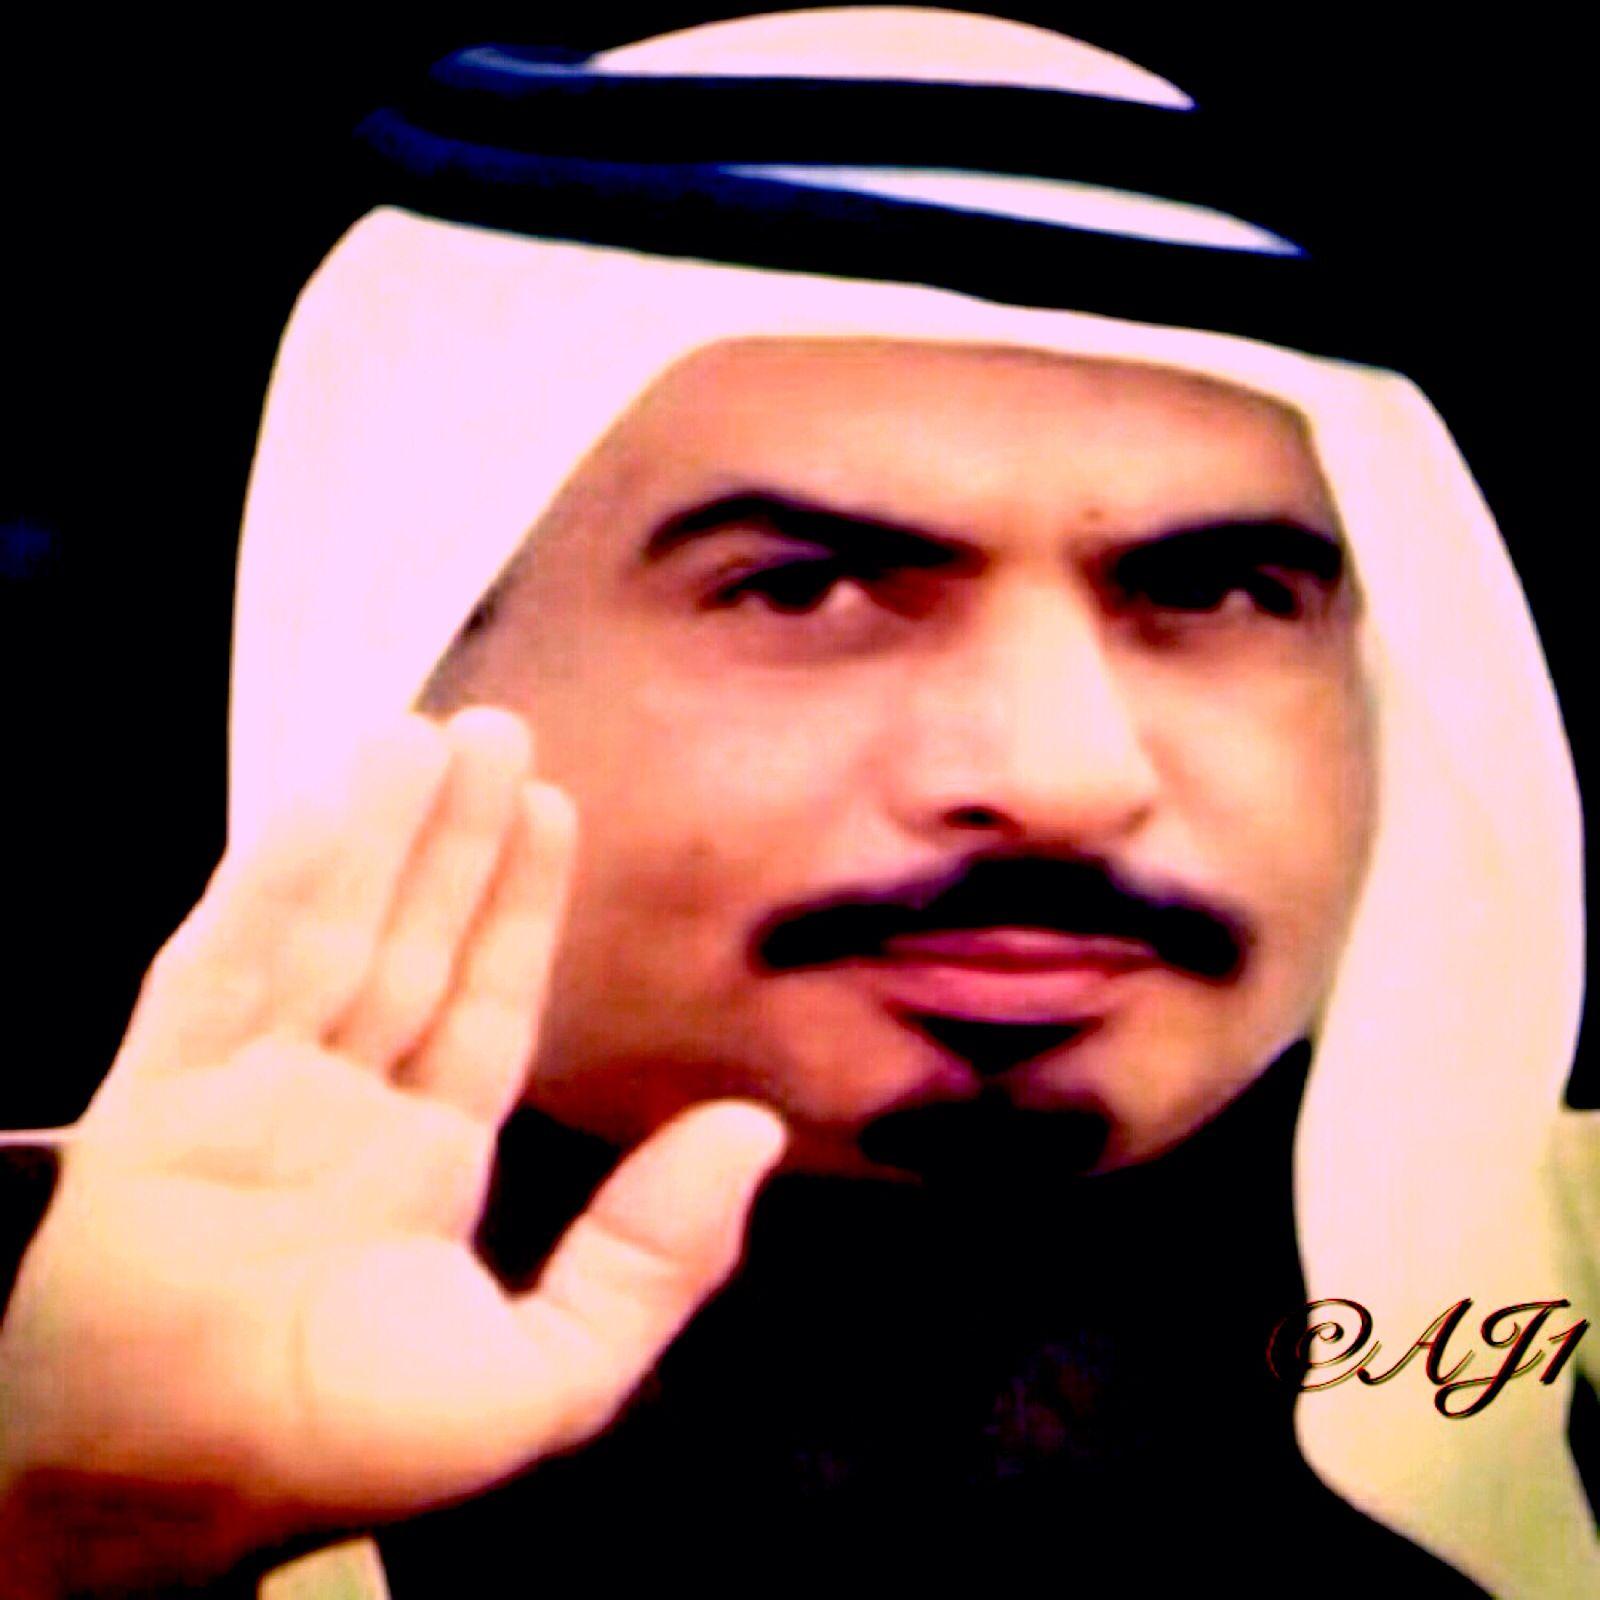 أبوي الشيخ جاسم بن حمد ال ثاني الله يغفرله ويرحمه ويسكنه فسيح جناته اللهم أمين والمسلمين Visor Travel Qatar